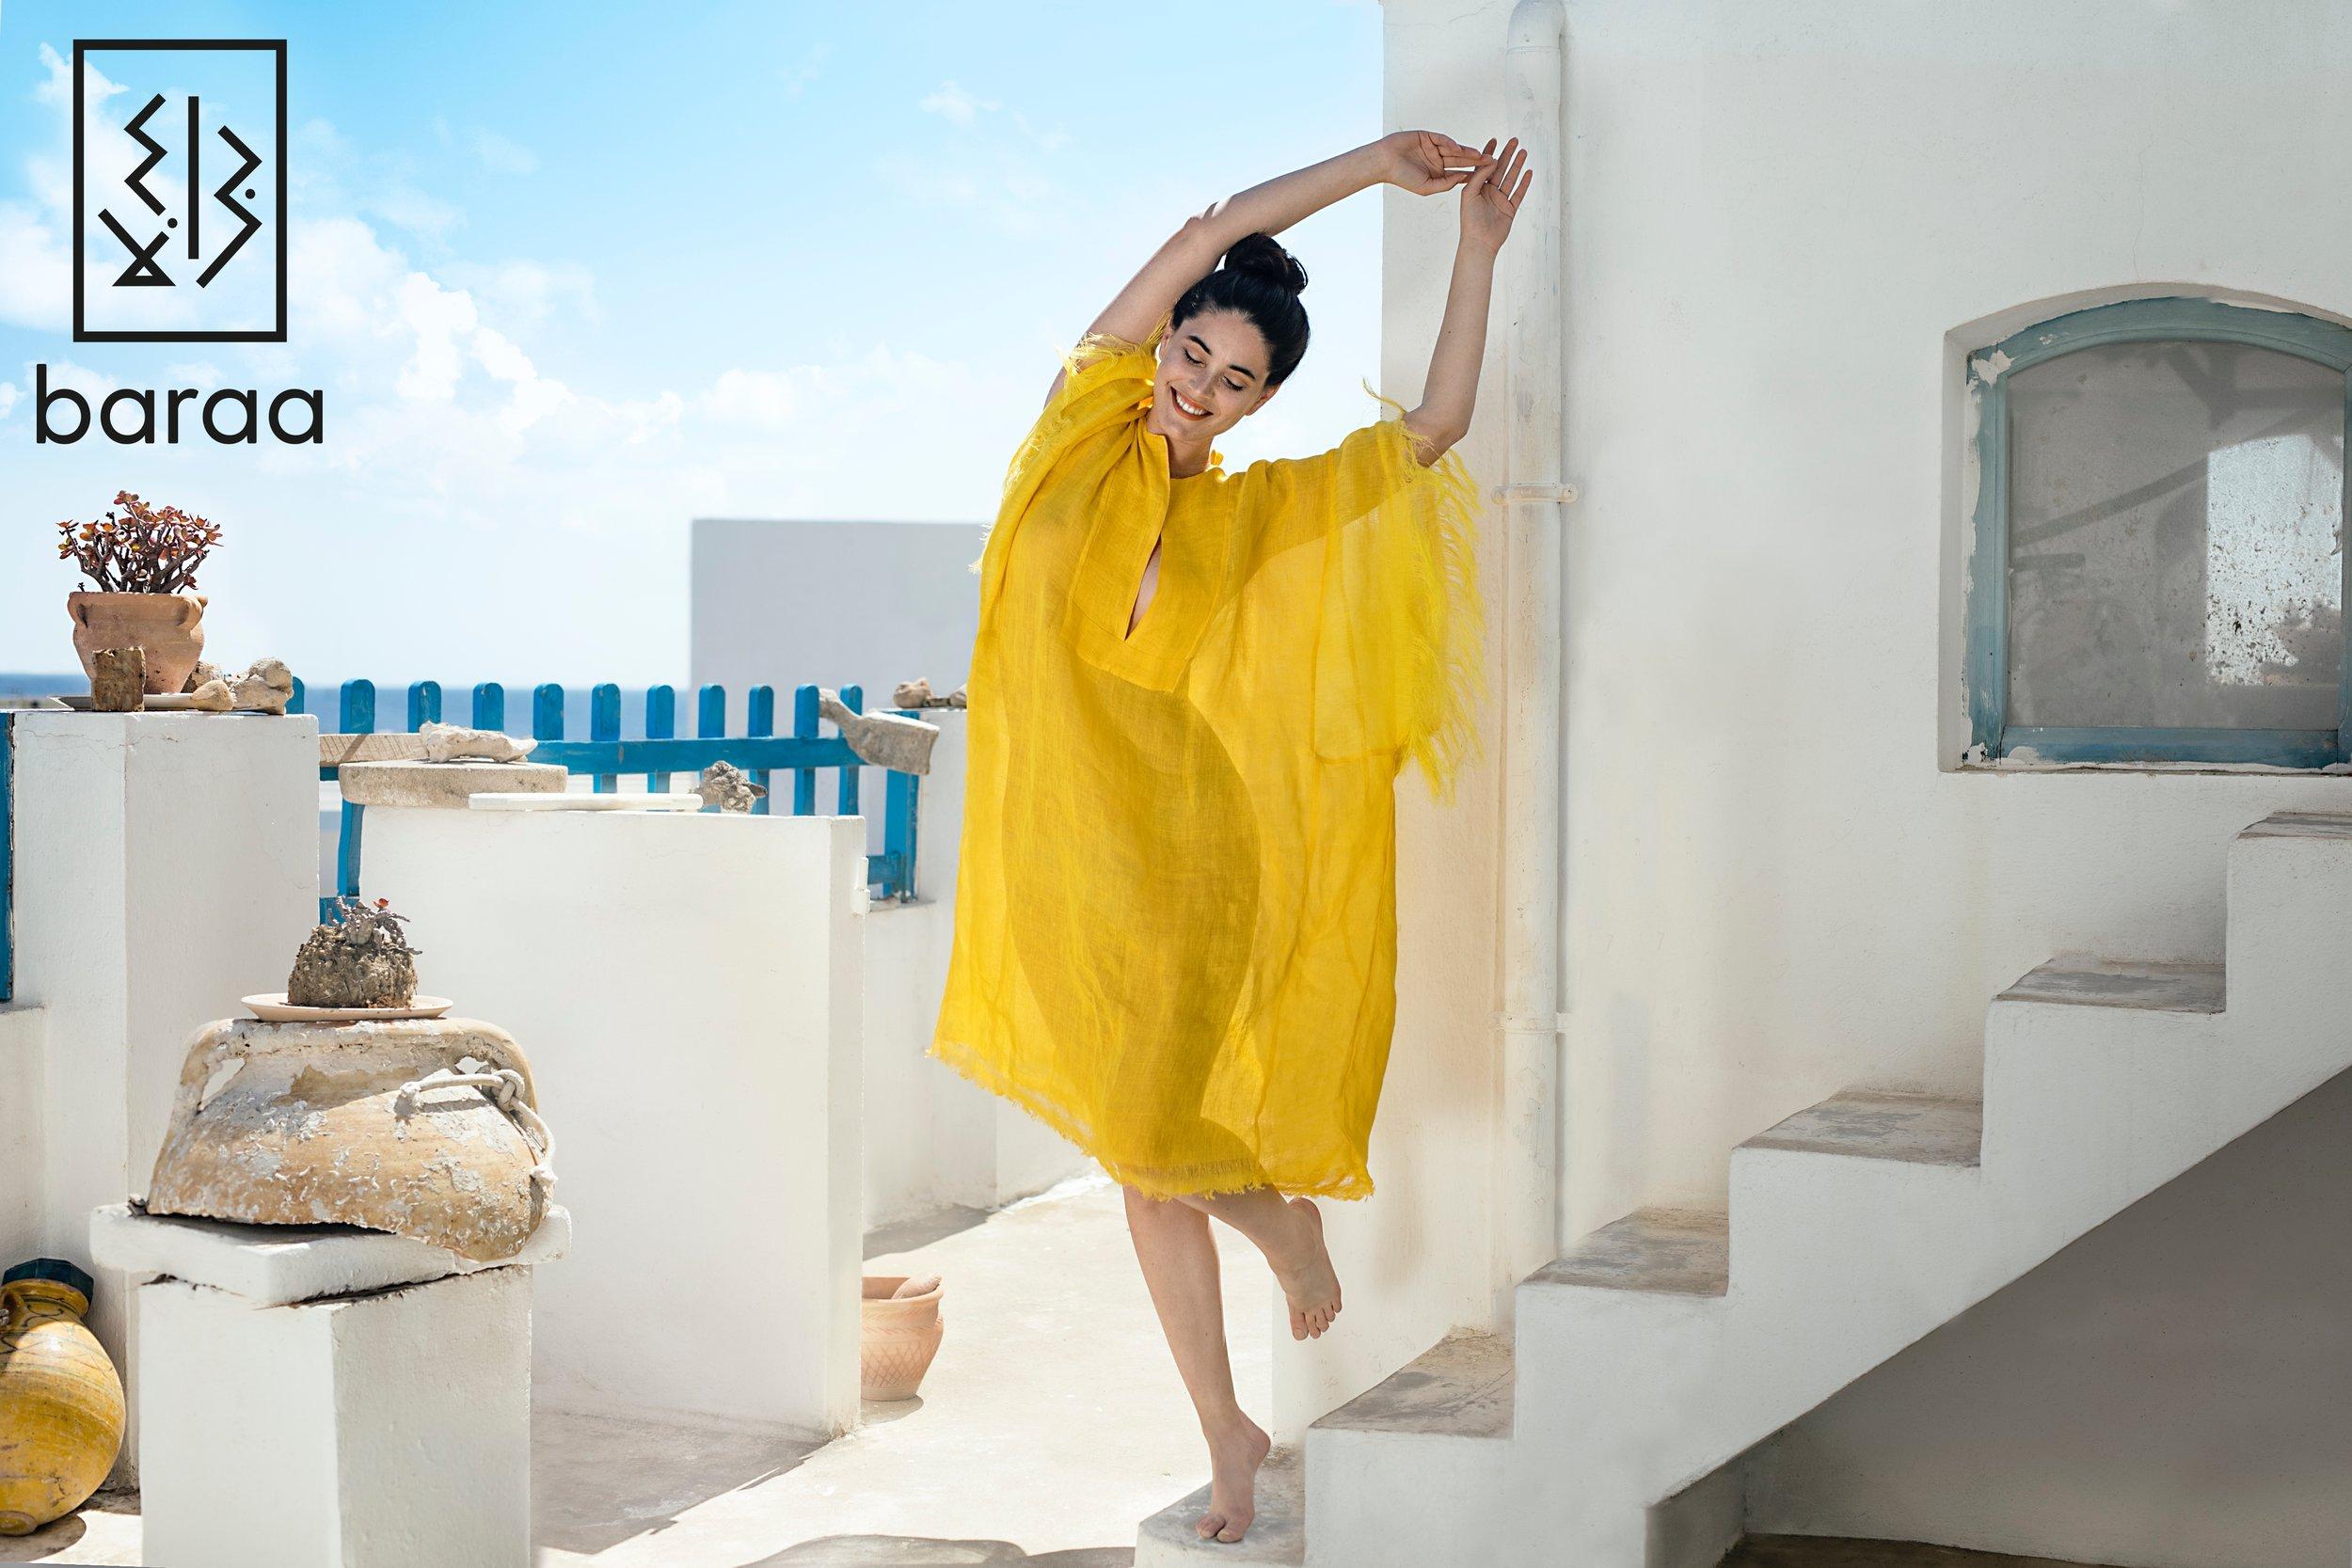 Baraa Fashion Designer